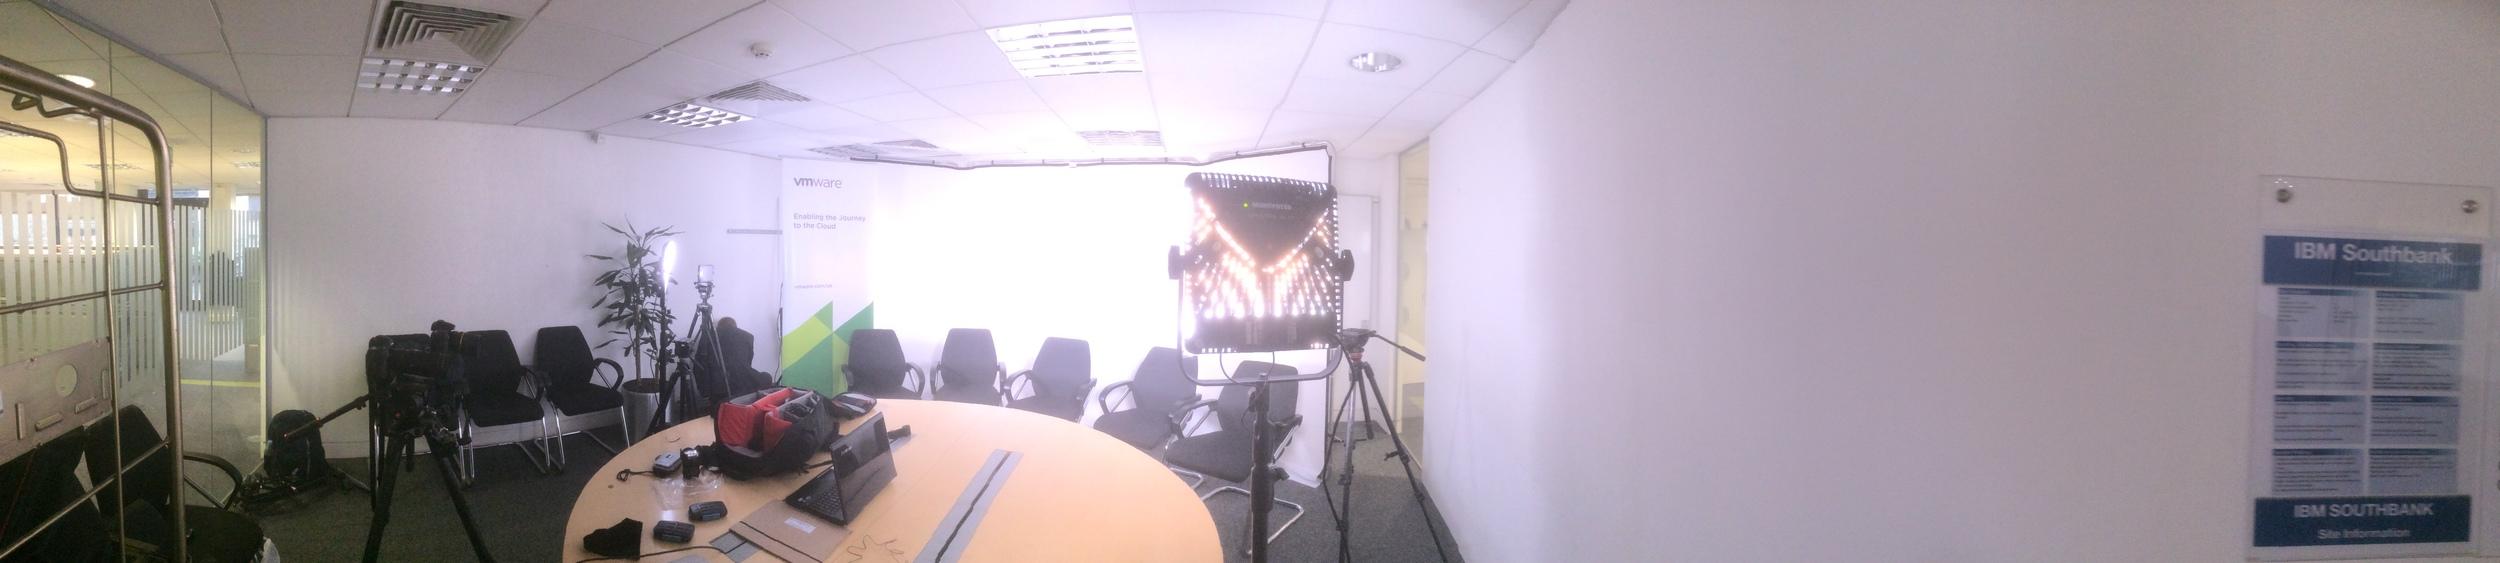 Adam Plowden Video setup